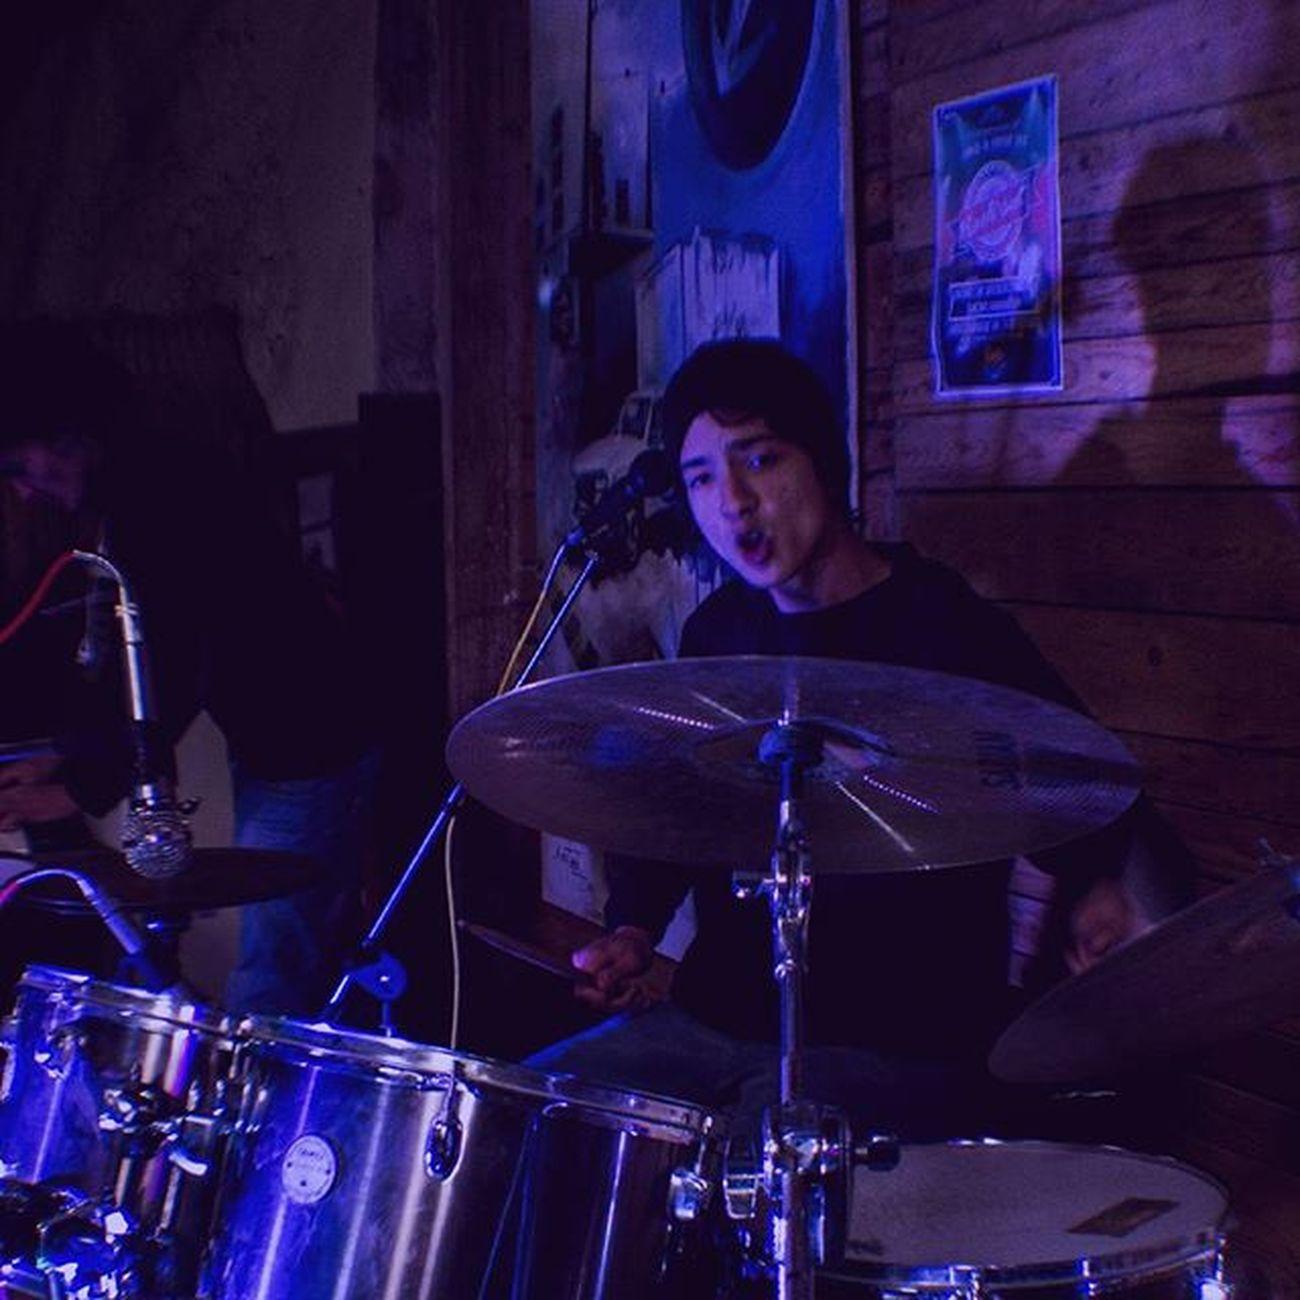 Ho bo do a drummer drumming so it seems. Kharrouba Rockout Concert